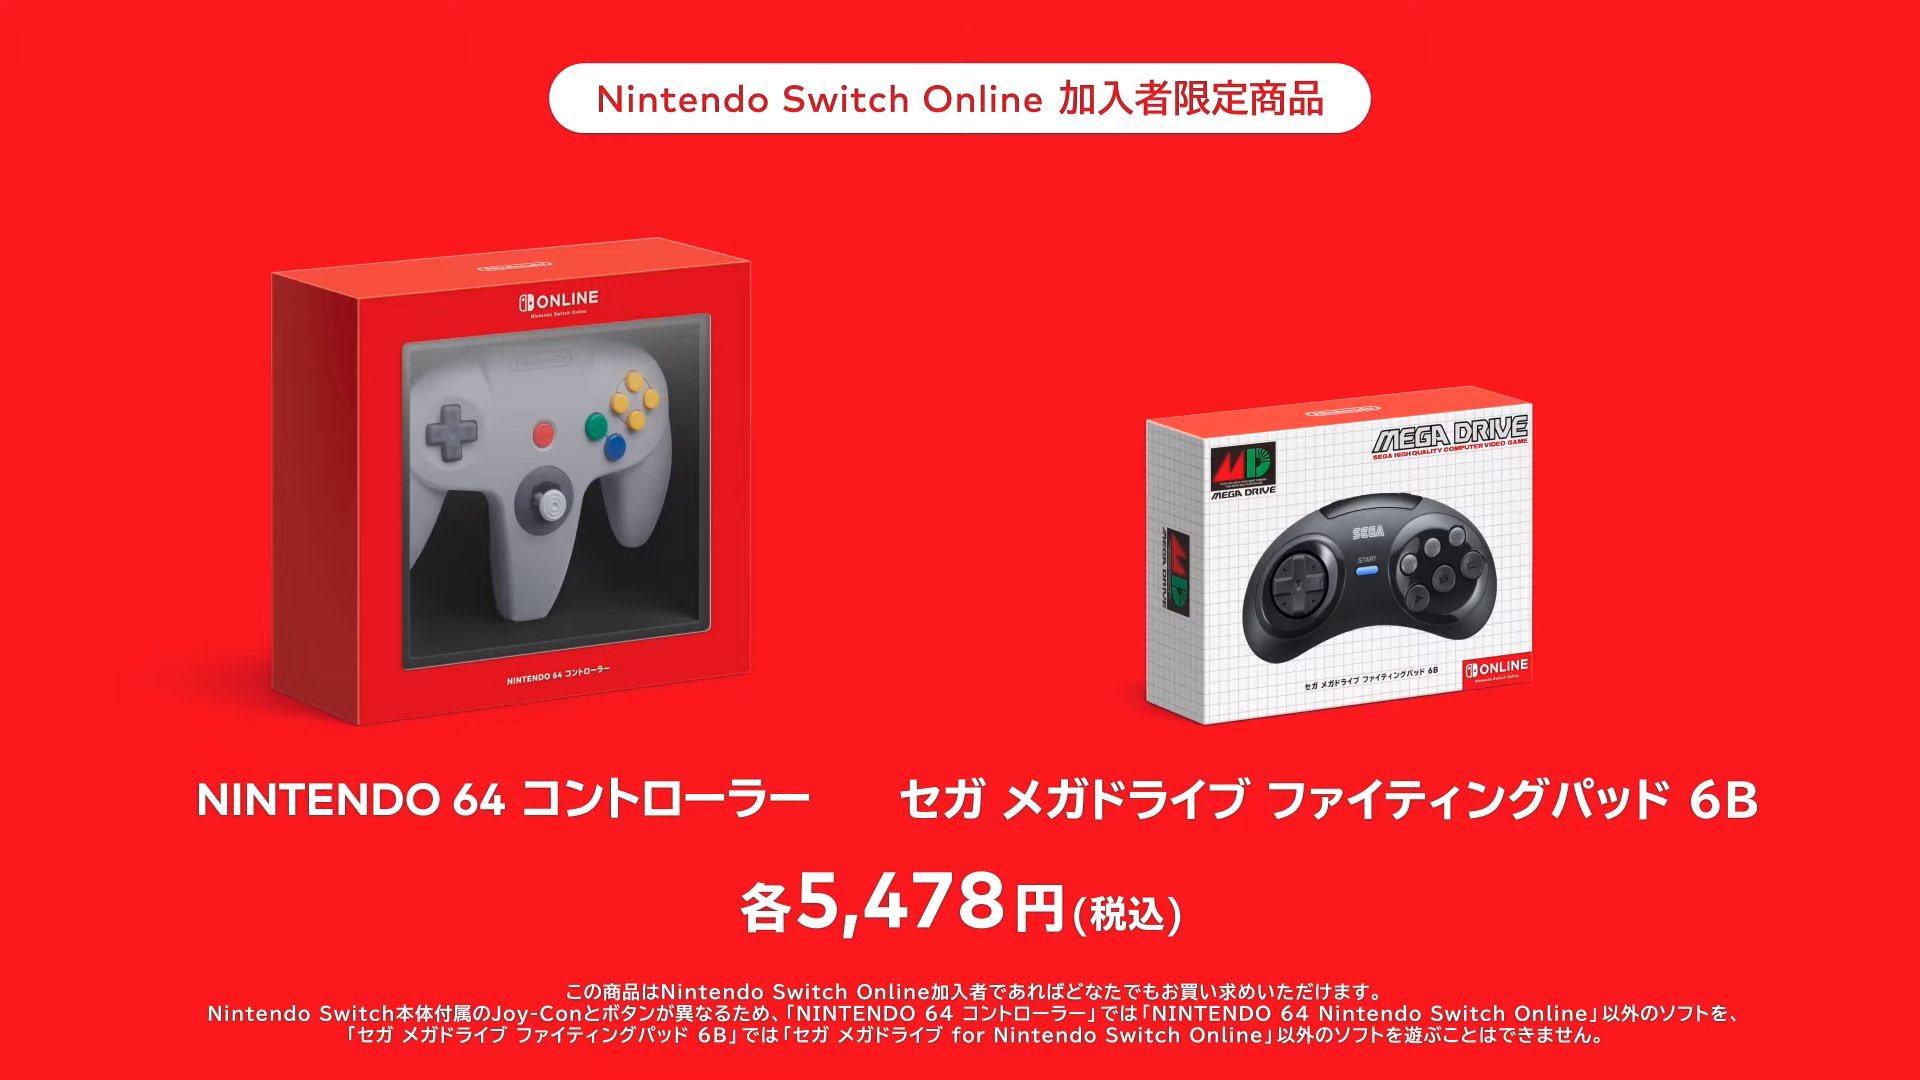 任天堂同步推出64、世嘉MD Switch无线手柄 仅供会员购买